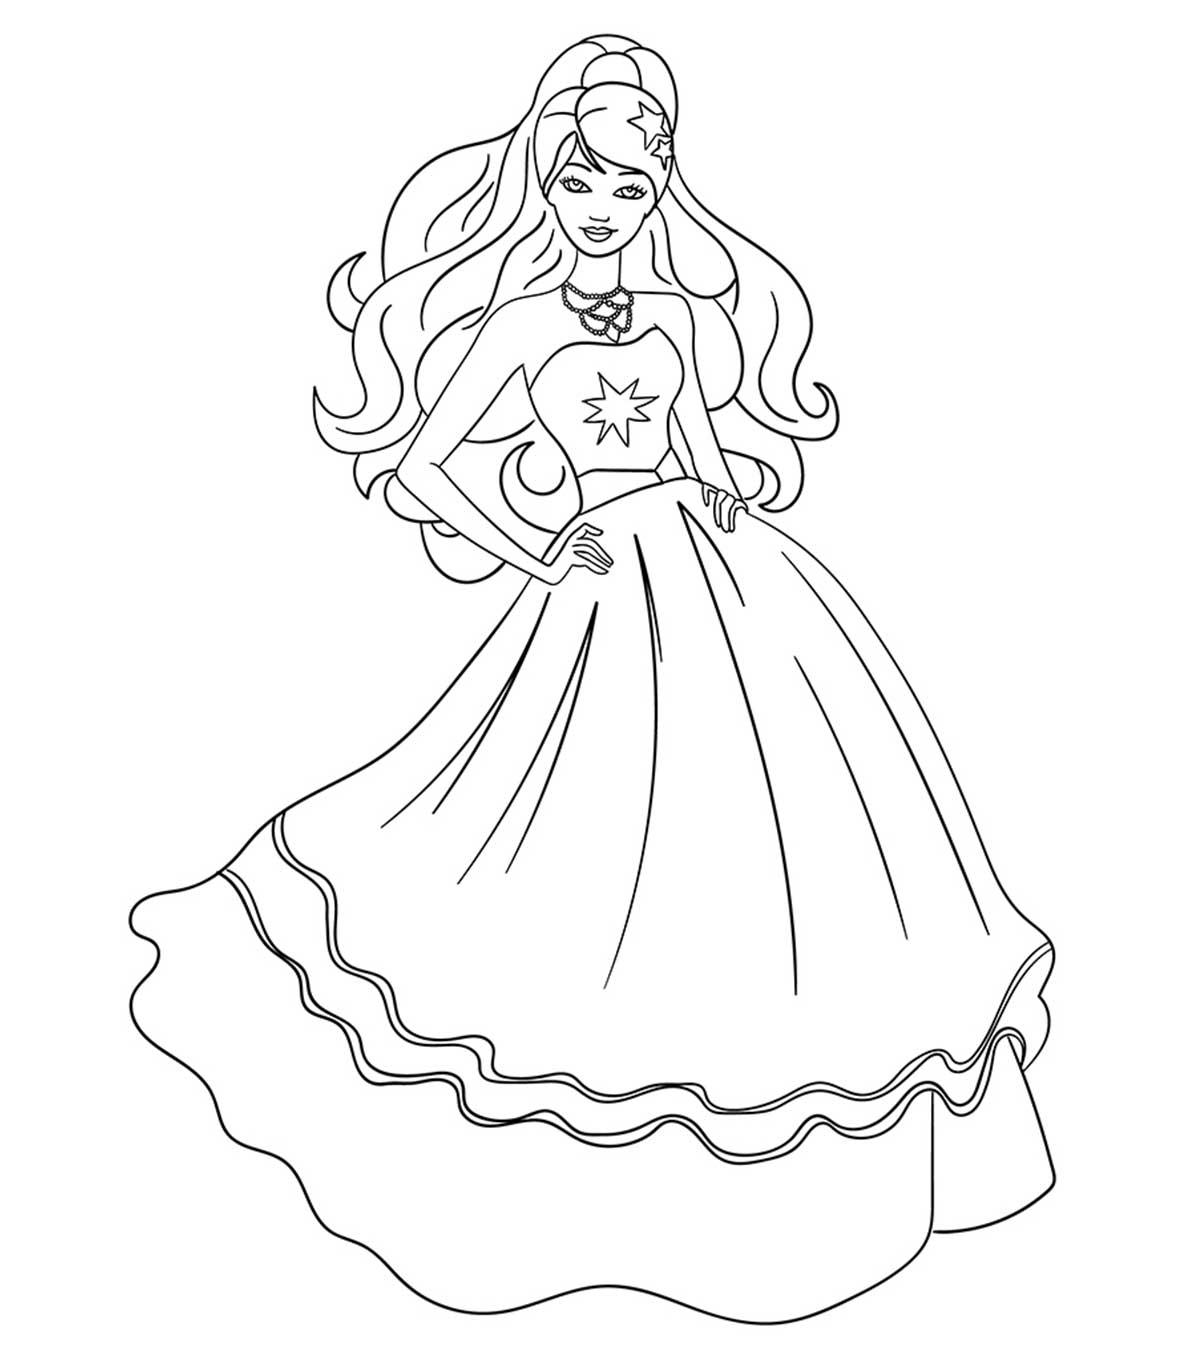 Hình công chúa Barbie tô màu cho bé